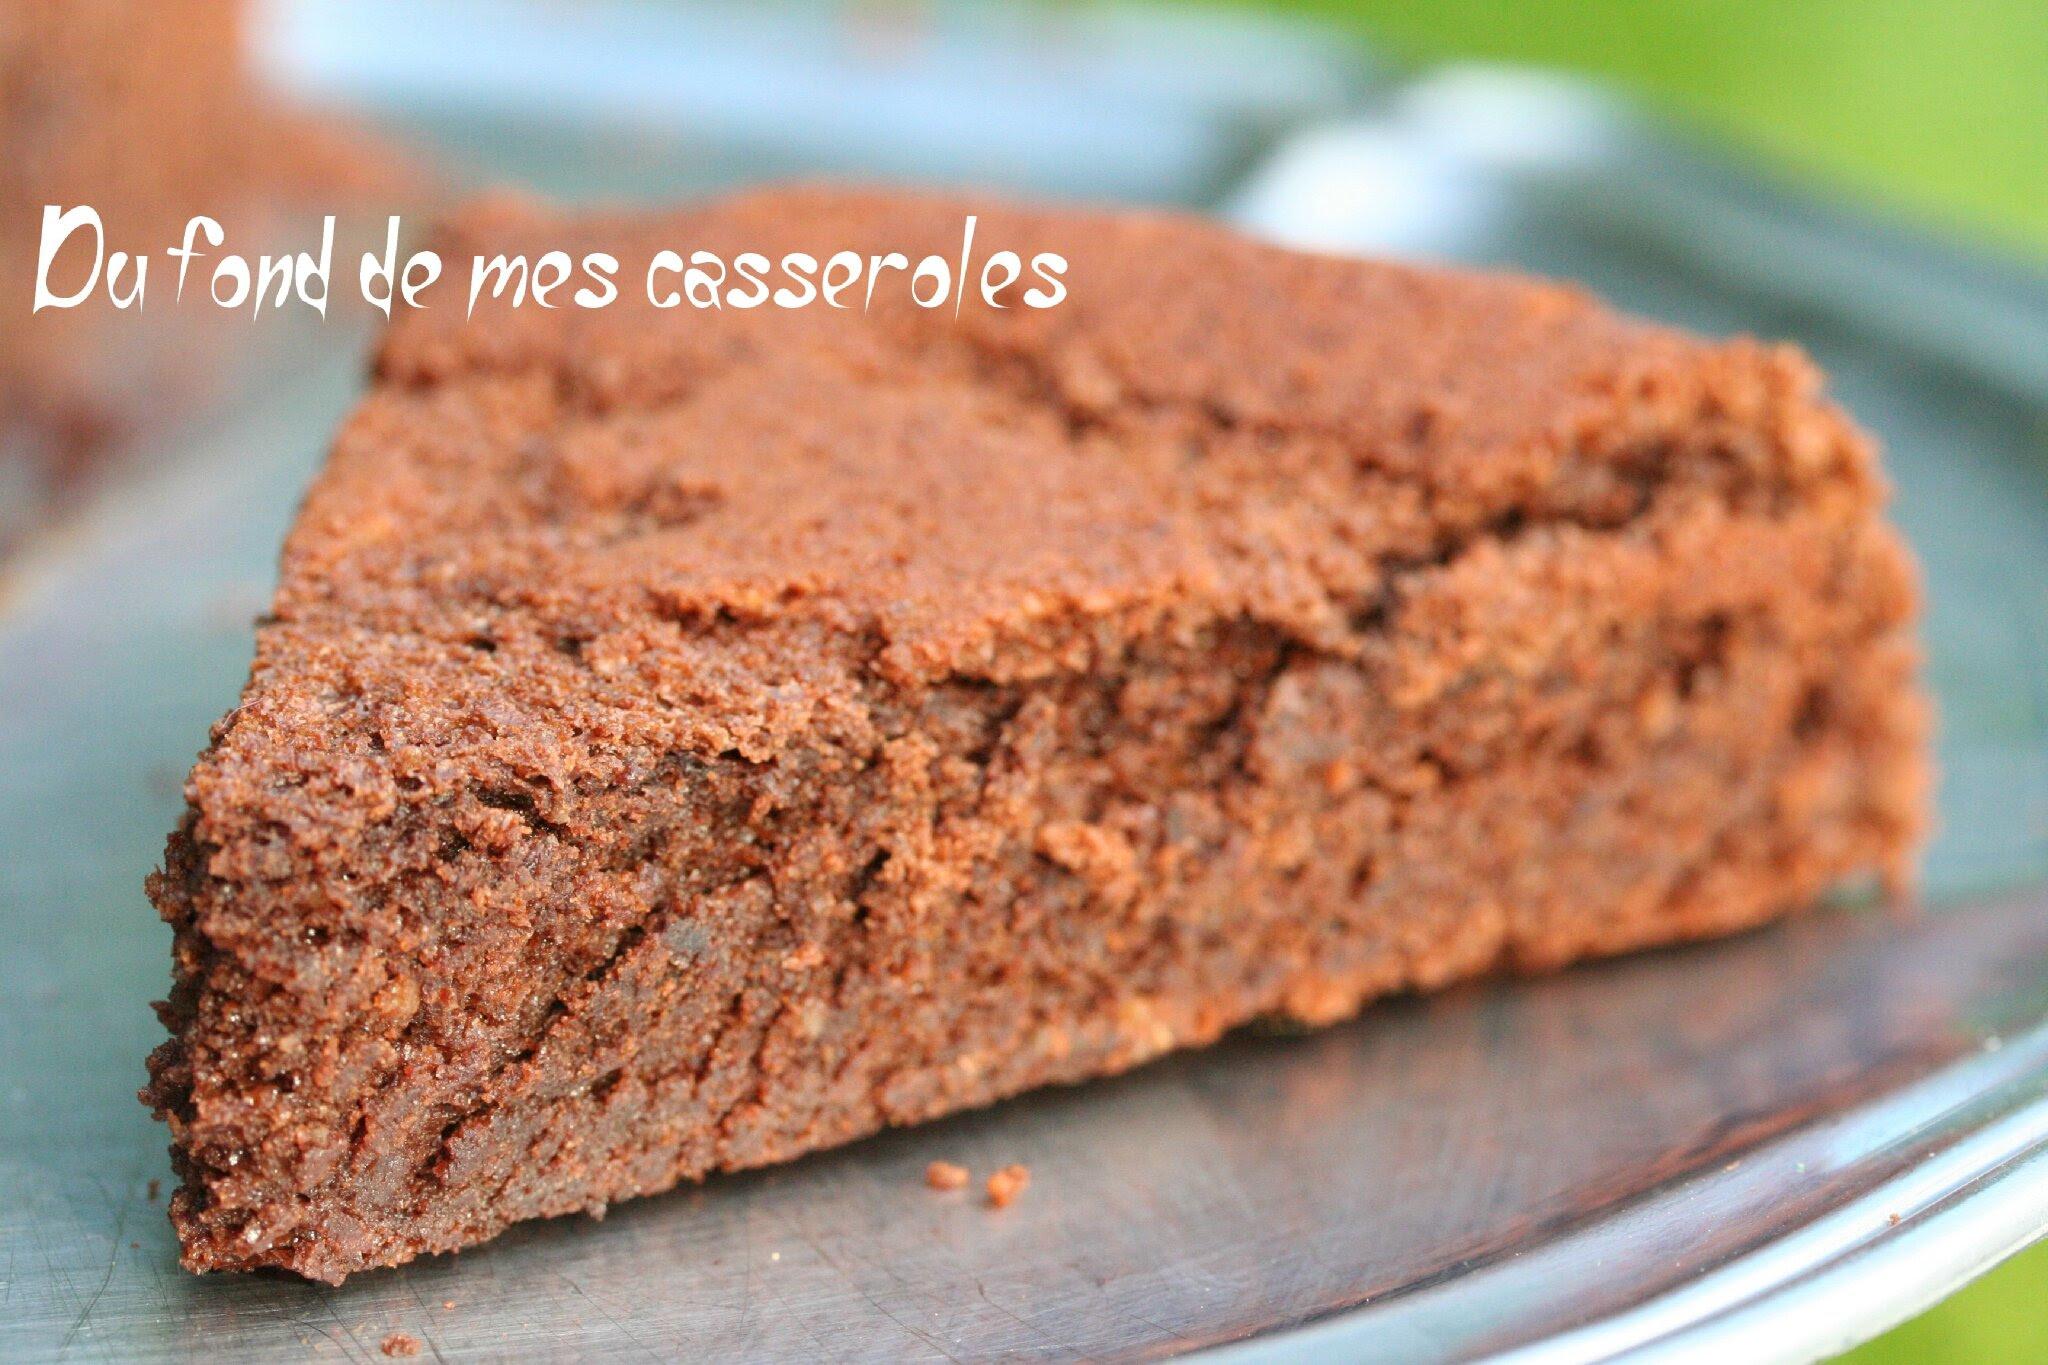 Gâteau au chocolat sans beurre - Du fond de mes casseroles